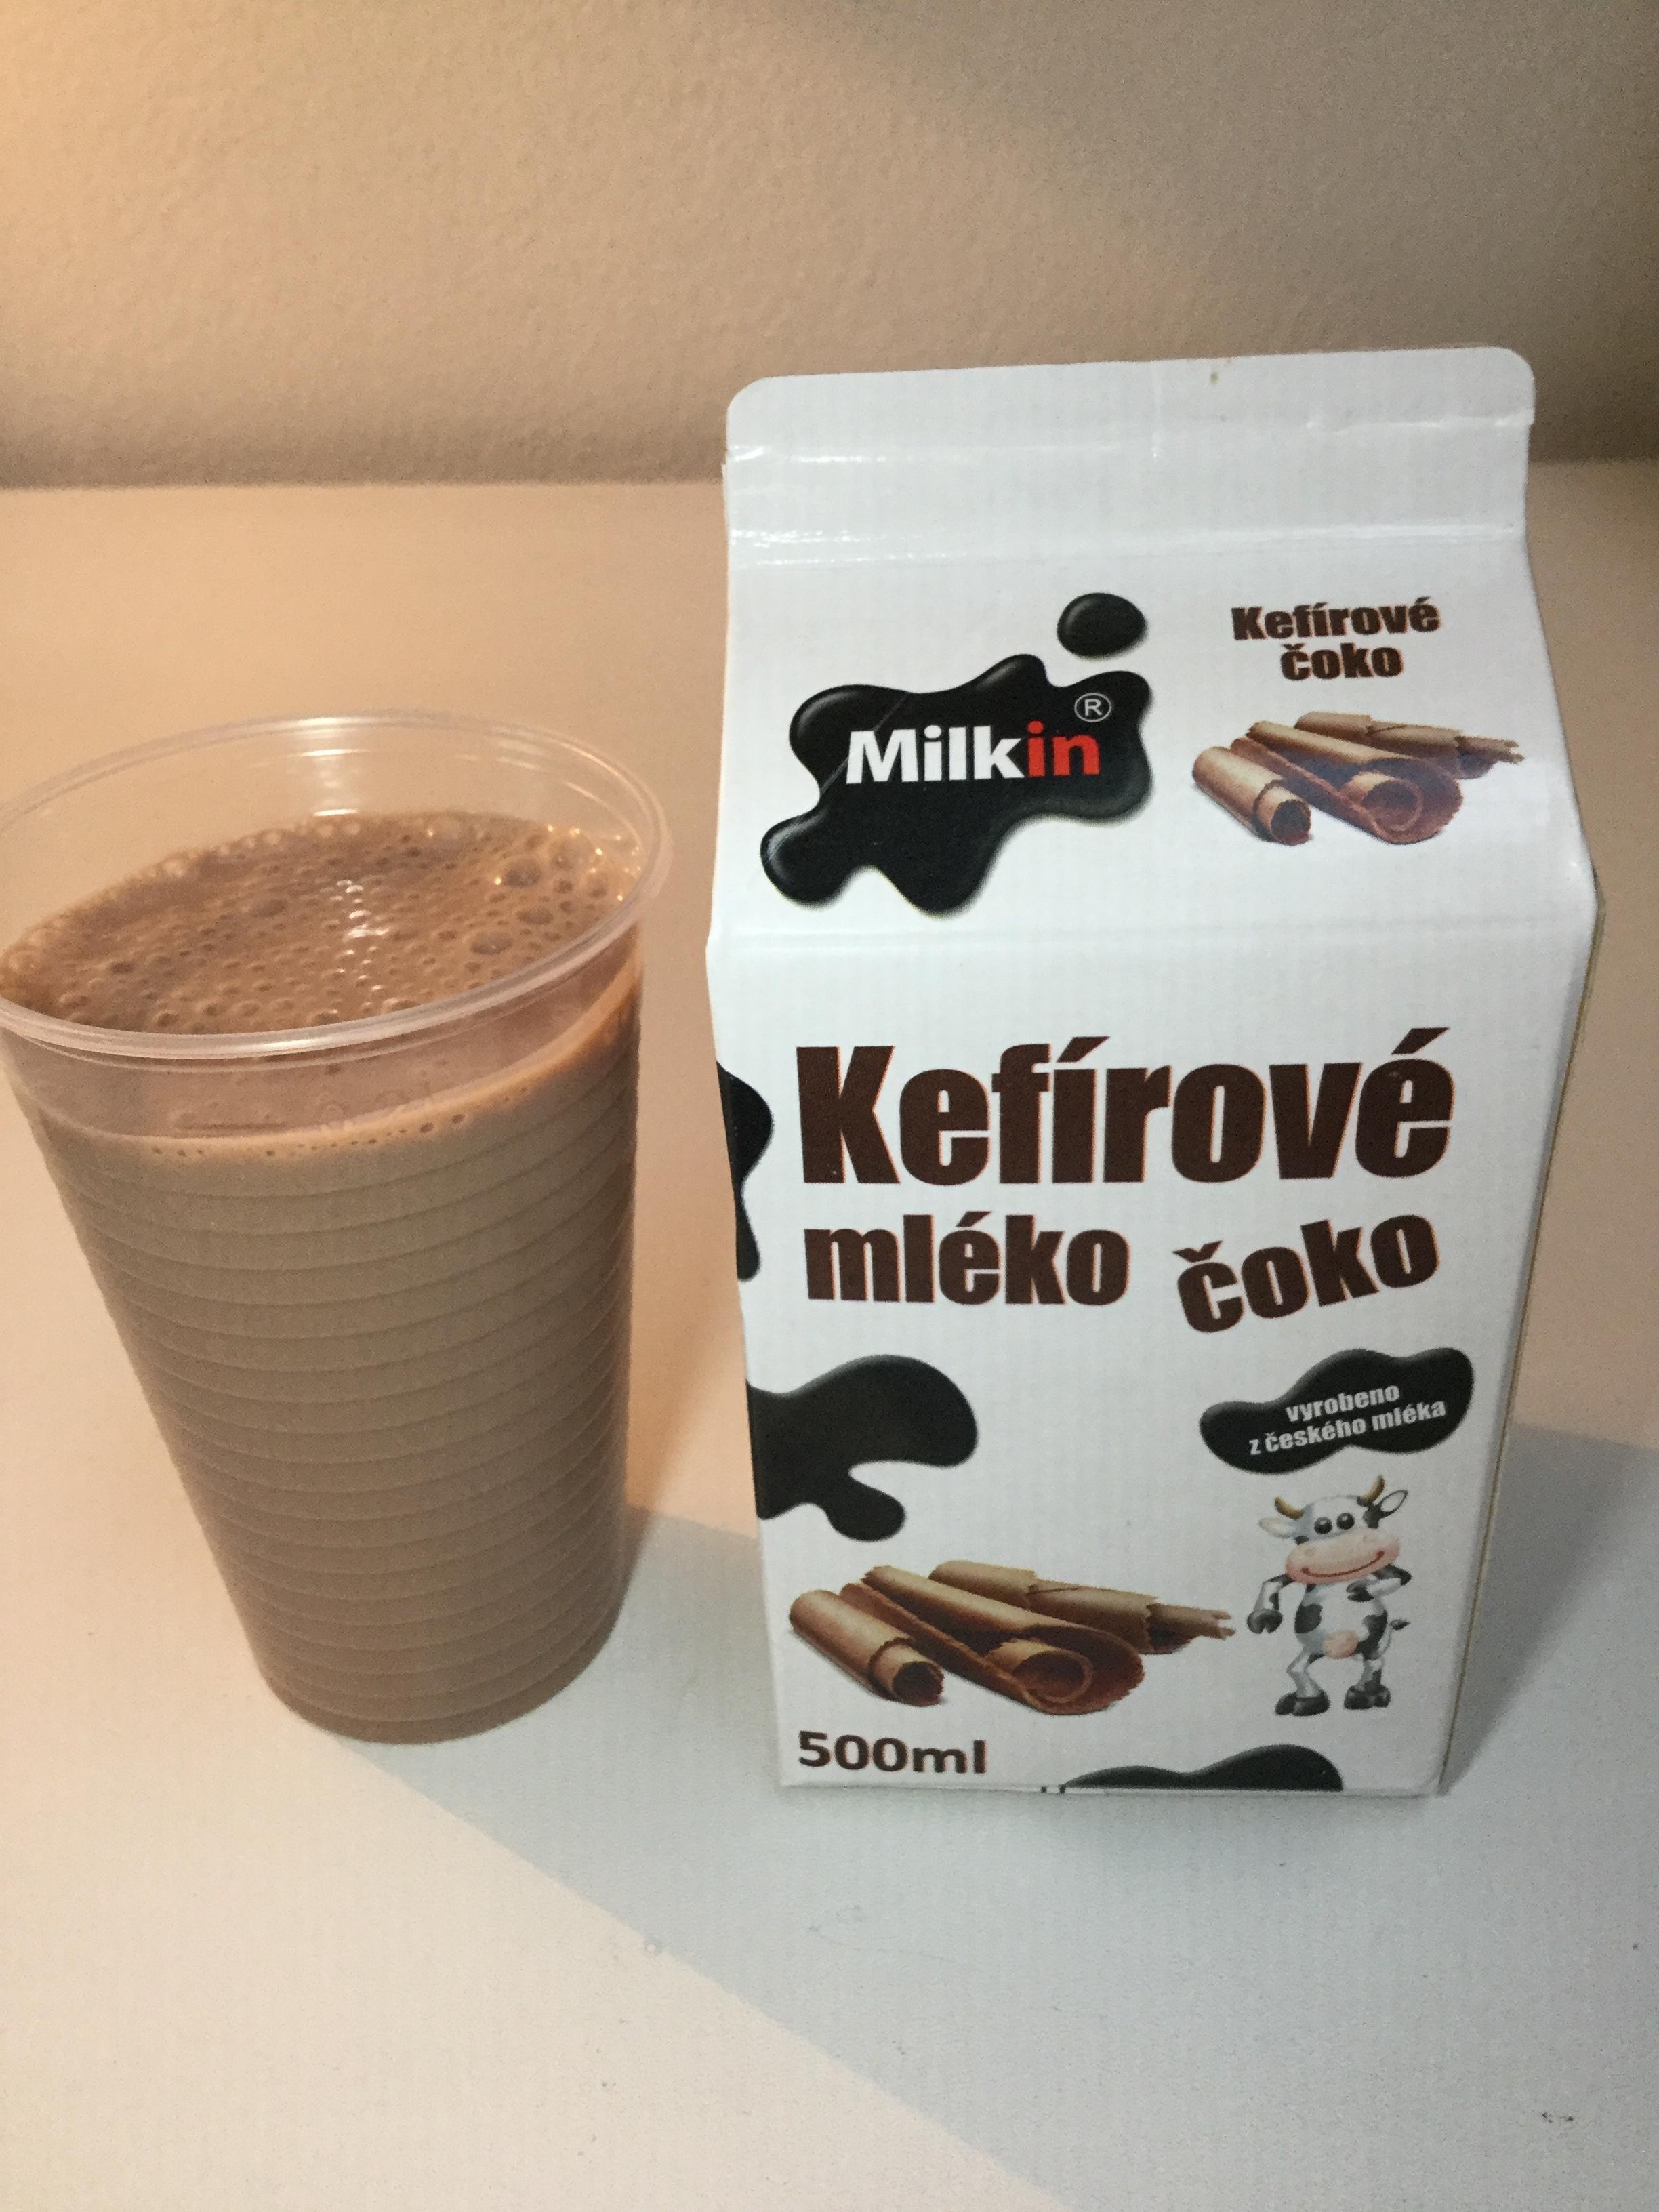 Milk In Kefirove Mleko Coko Cup